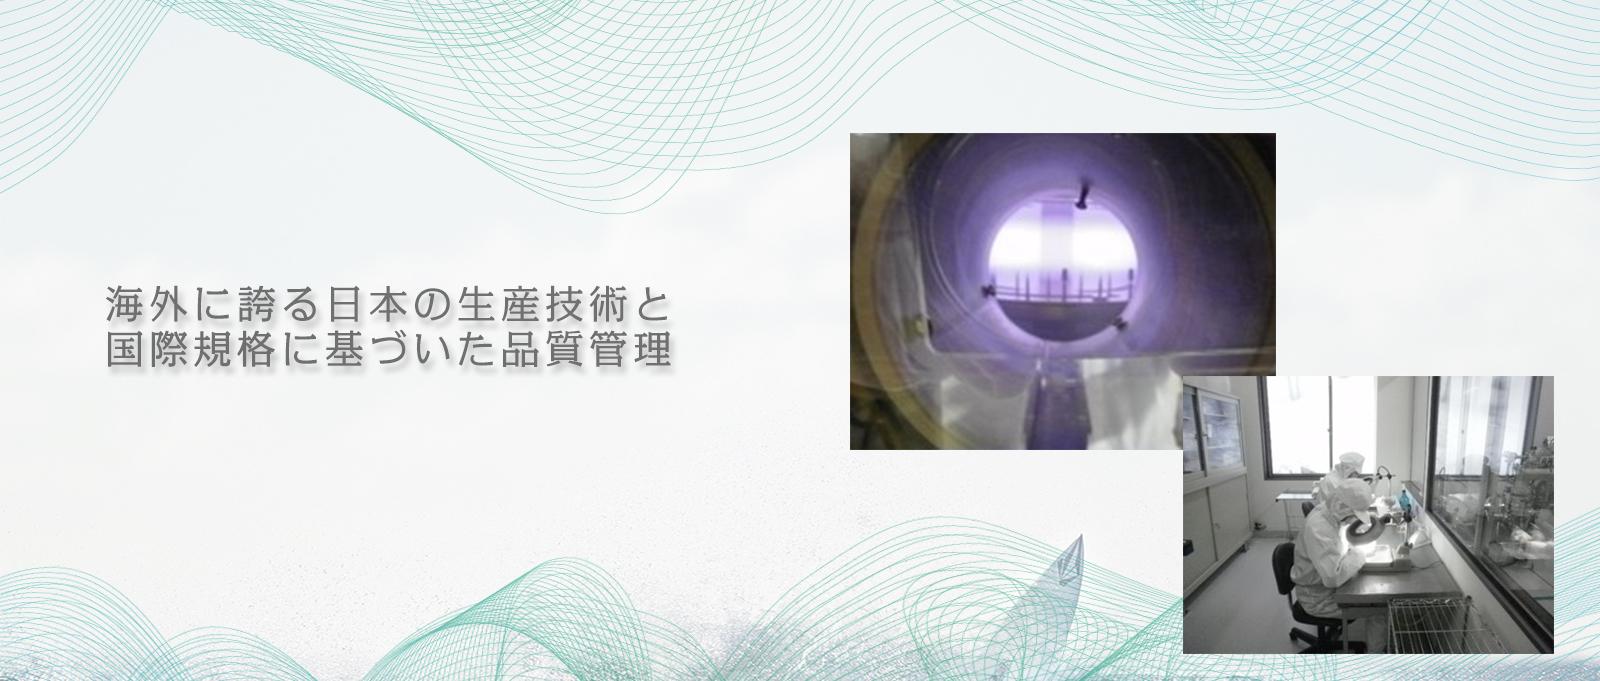 海外に誇る日本の生産技術と国際規格に基づいた品質管理